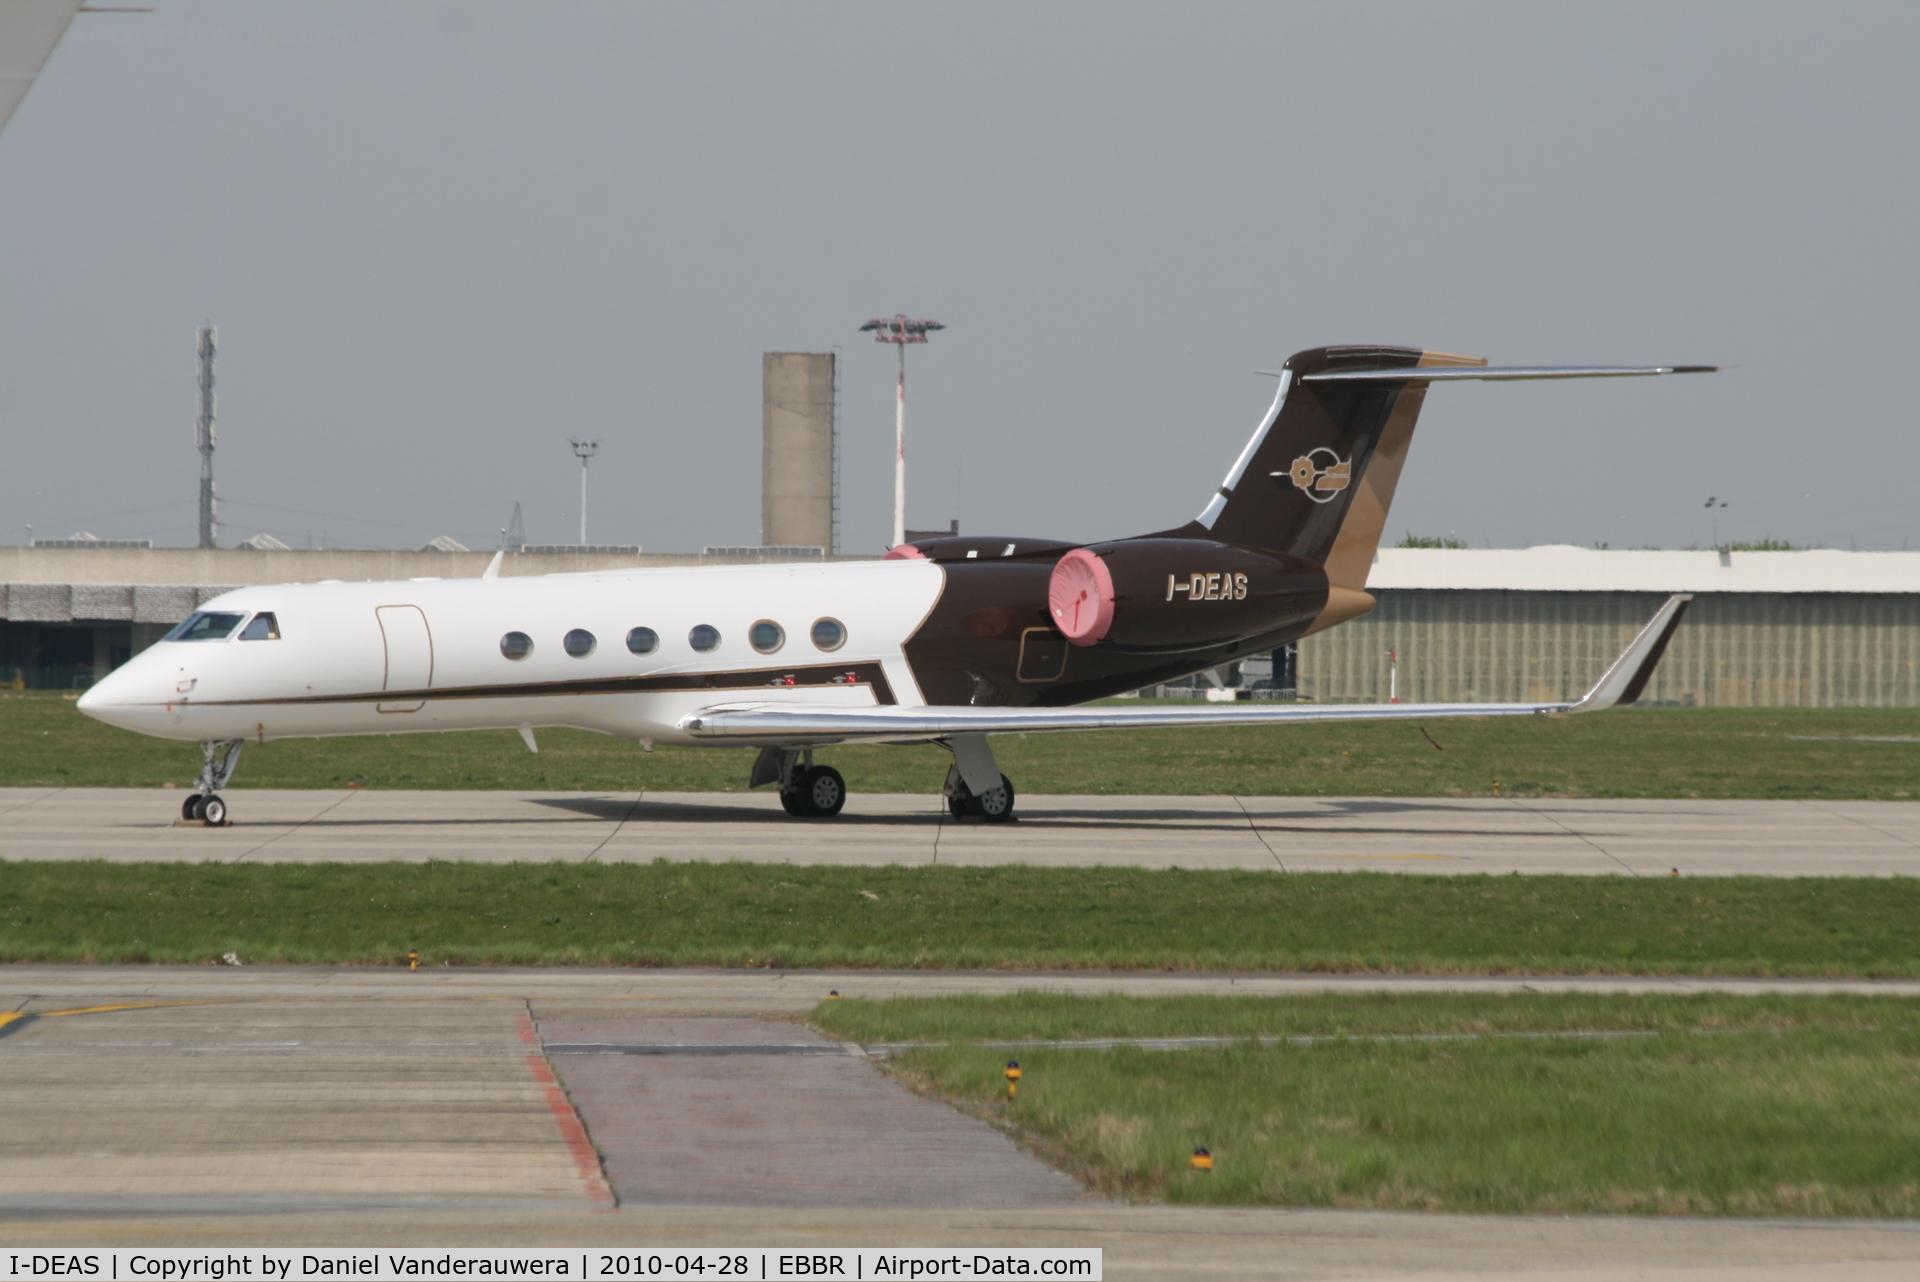 I-DEAS, 2000 Gulfstream Aerospace G-V C/N 593, Parked on G.A. apron